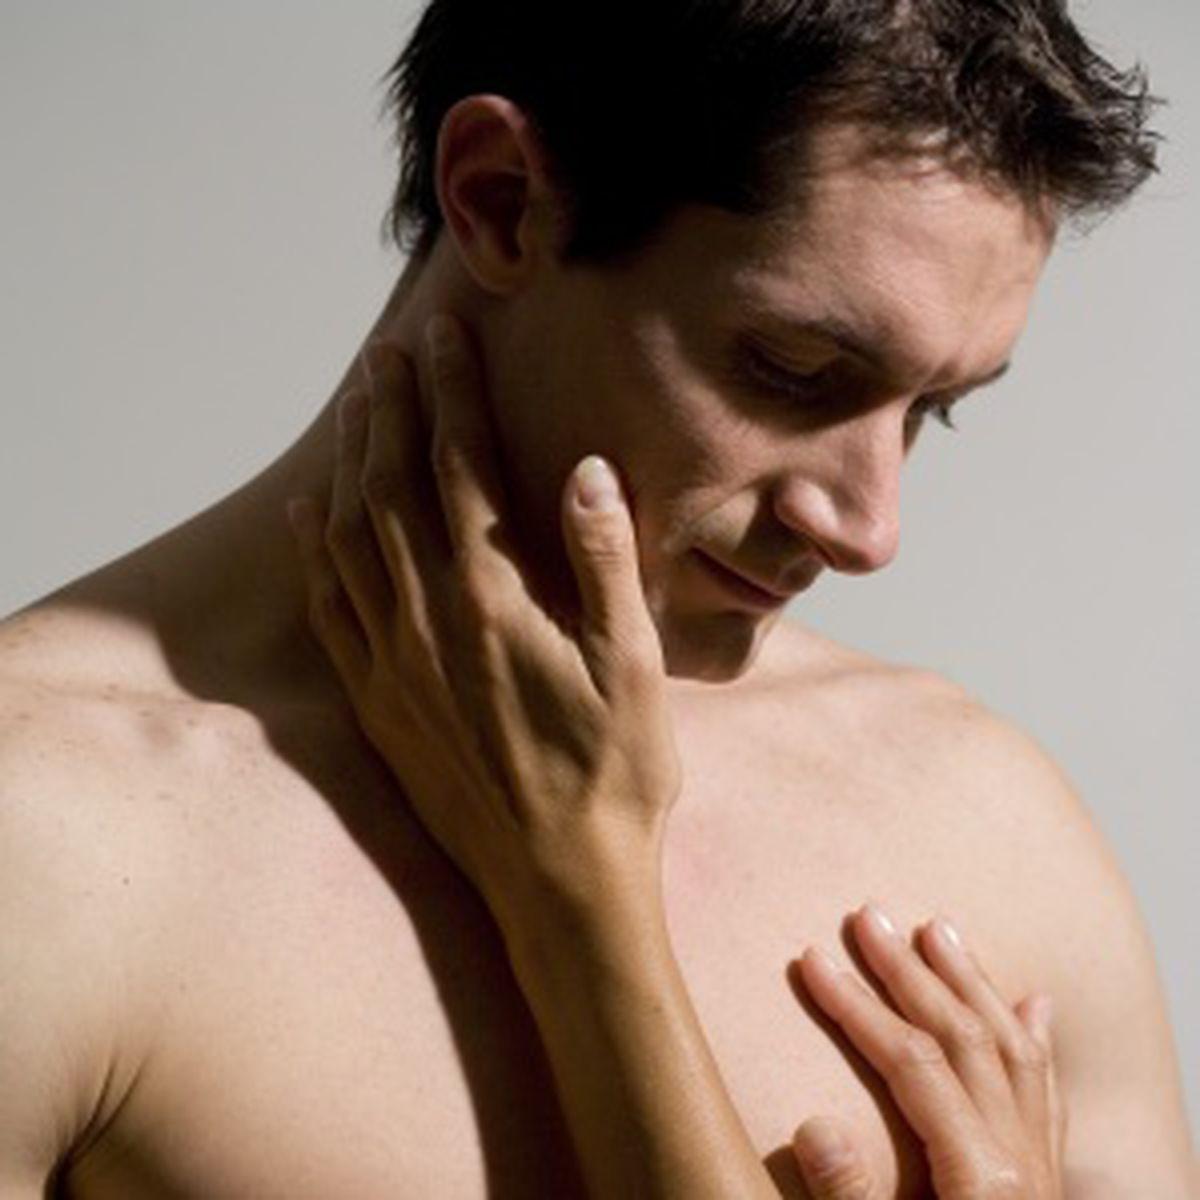 erecția dispare odată cu apariția actului sexual